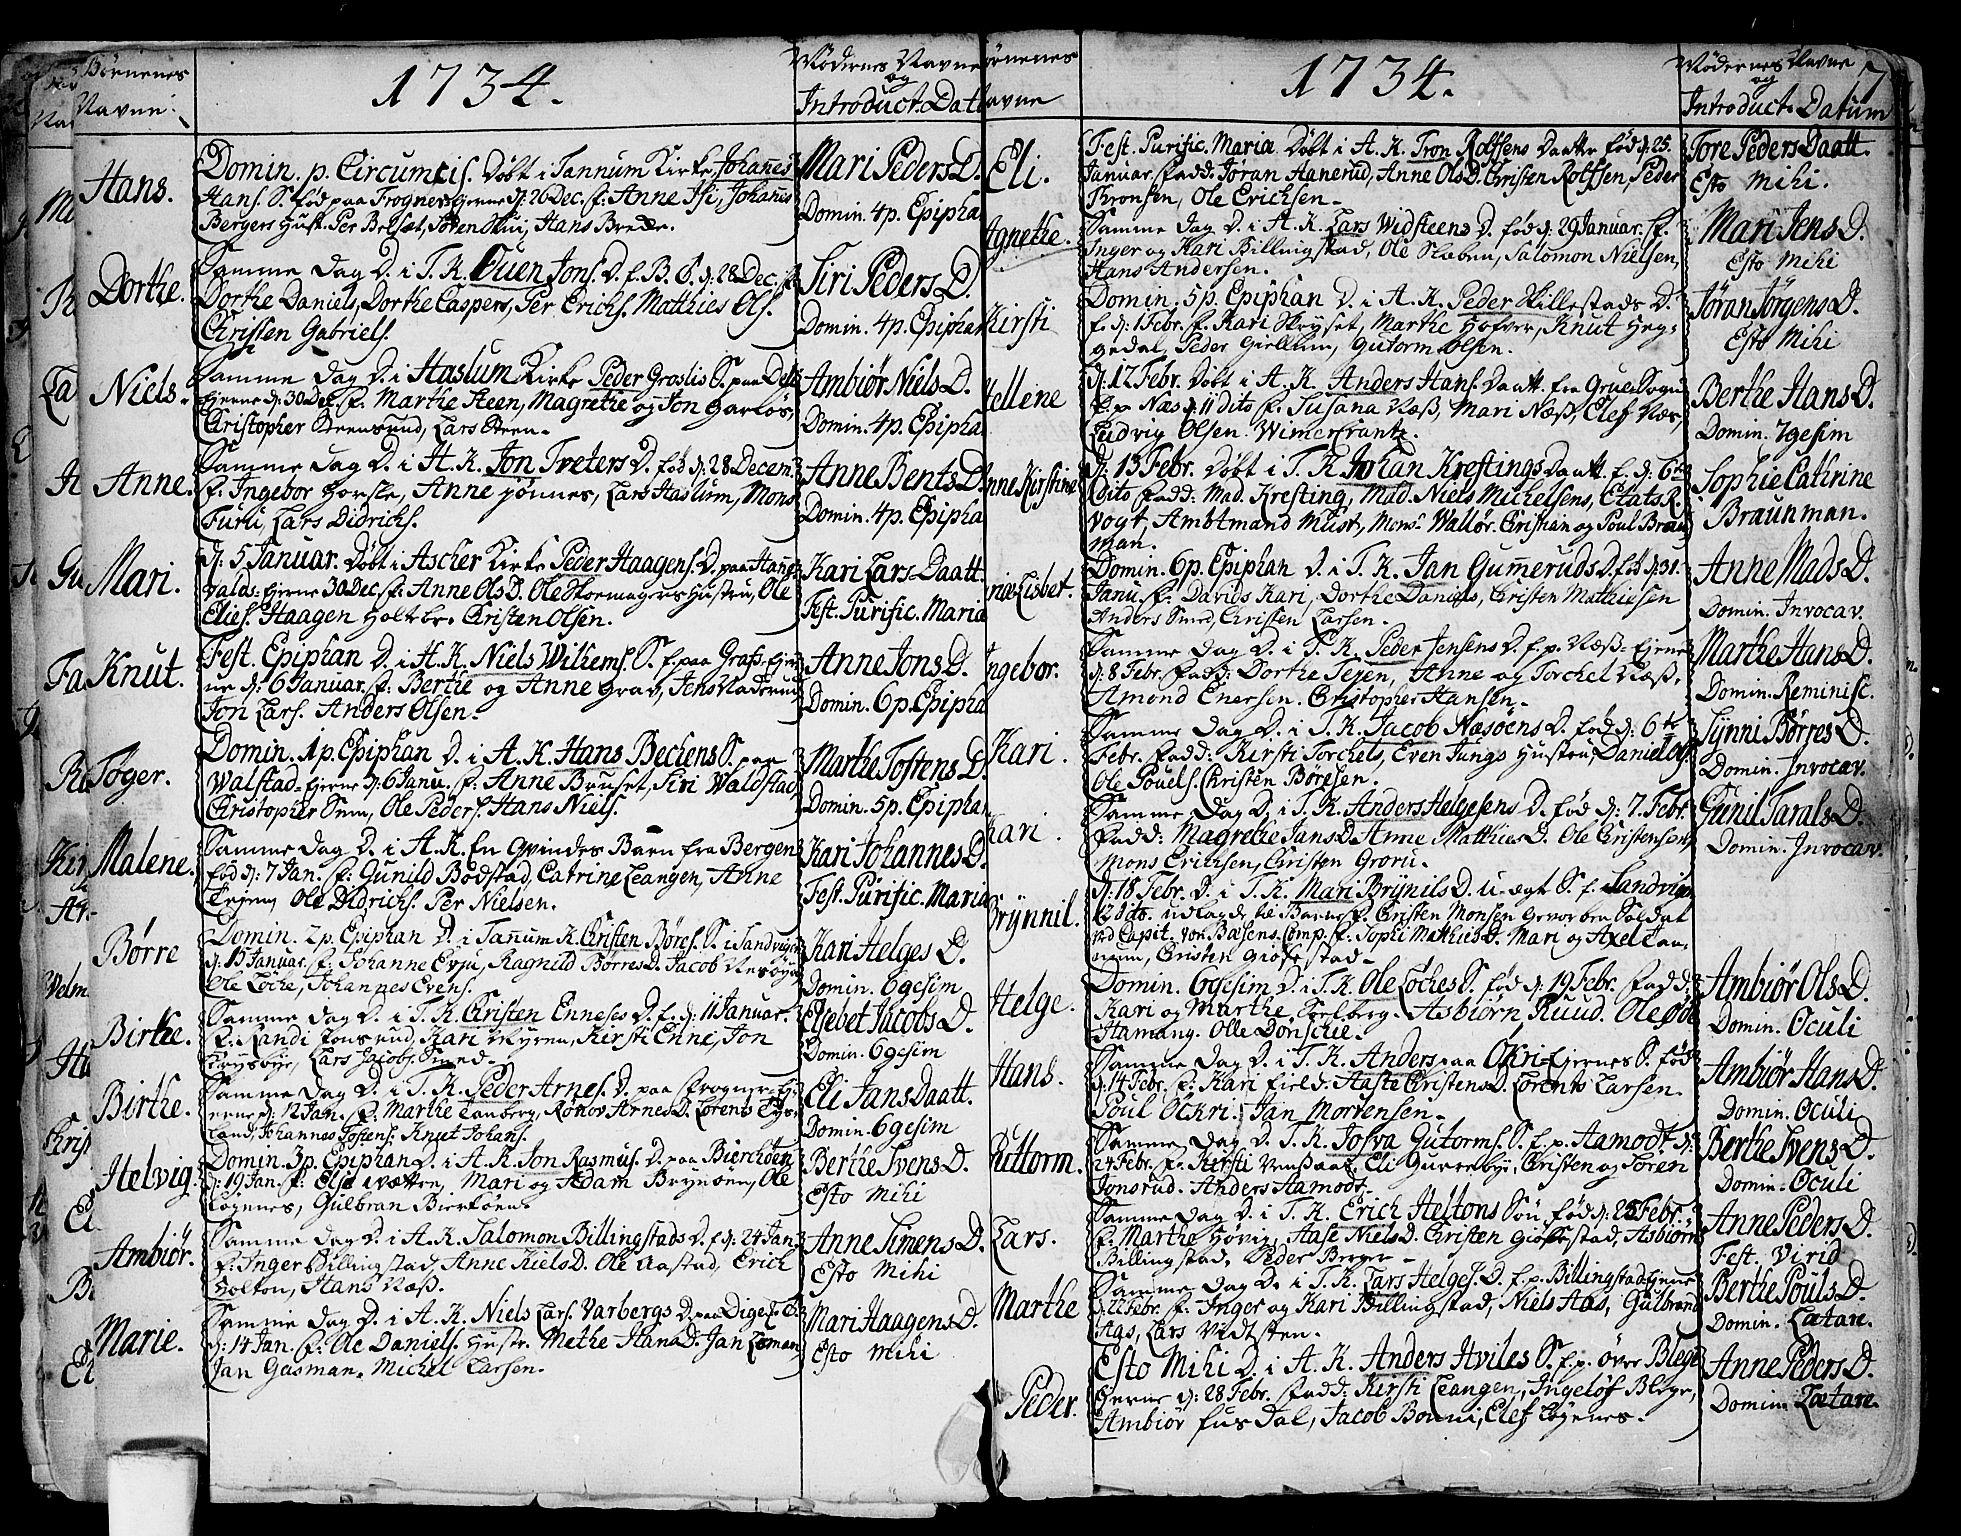 SAO, Asker prestekontor Kirkebøker, F/Fa/L0002: Ministerialbok nr. I 2, 1733-1766, s. 7